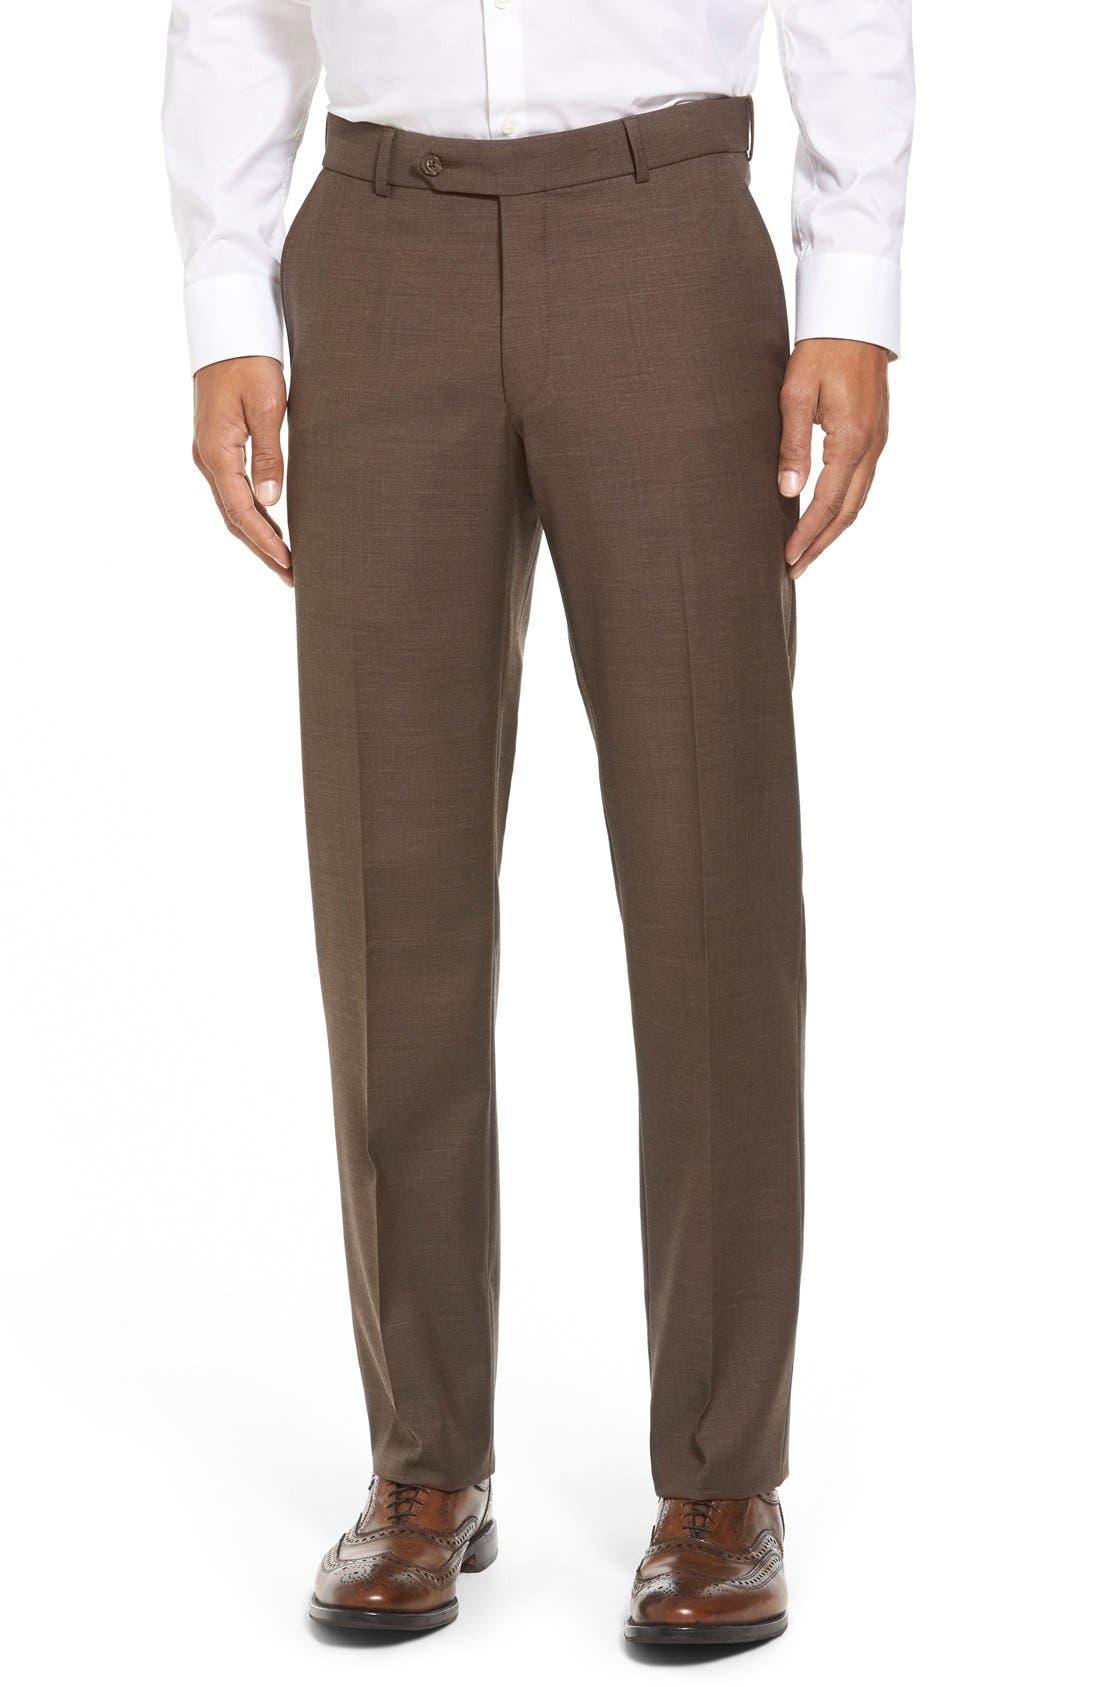 BALLIN Flat Front Sharkskin Wool Trousers in Chestnut